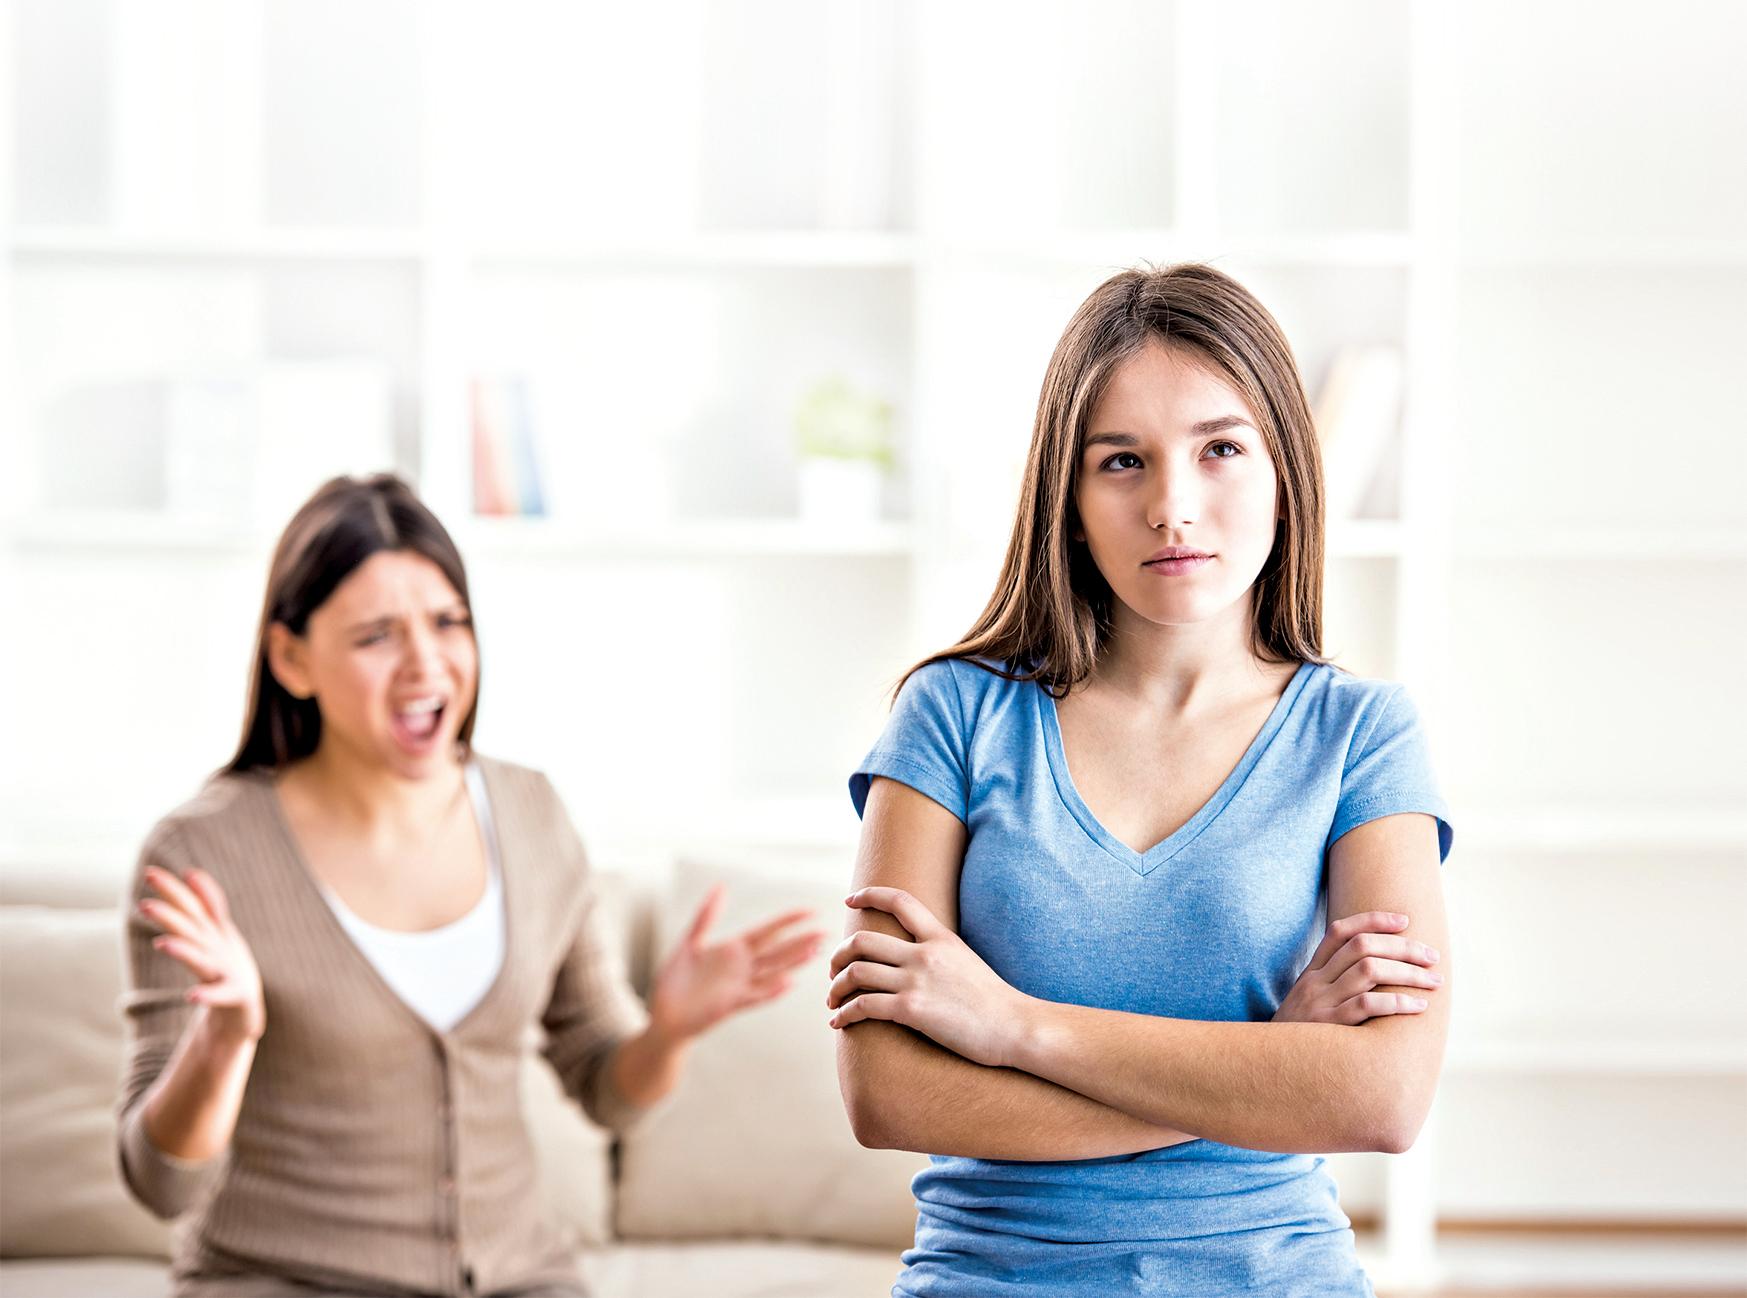 高齡產婦的女兒壓力大 成年憂鬱風險較高